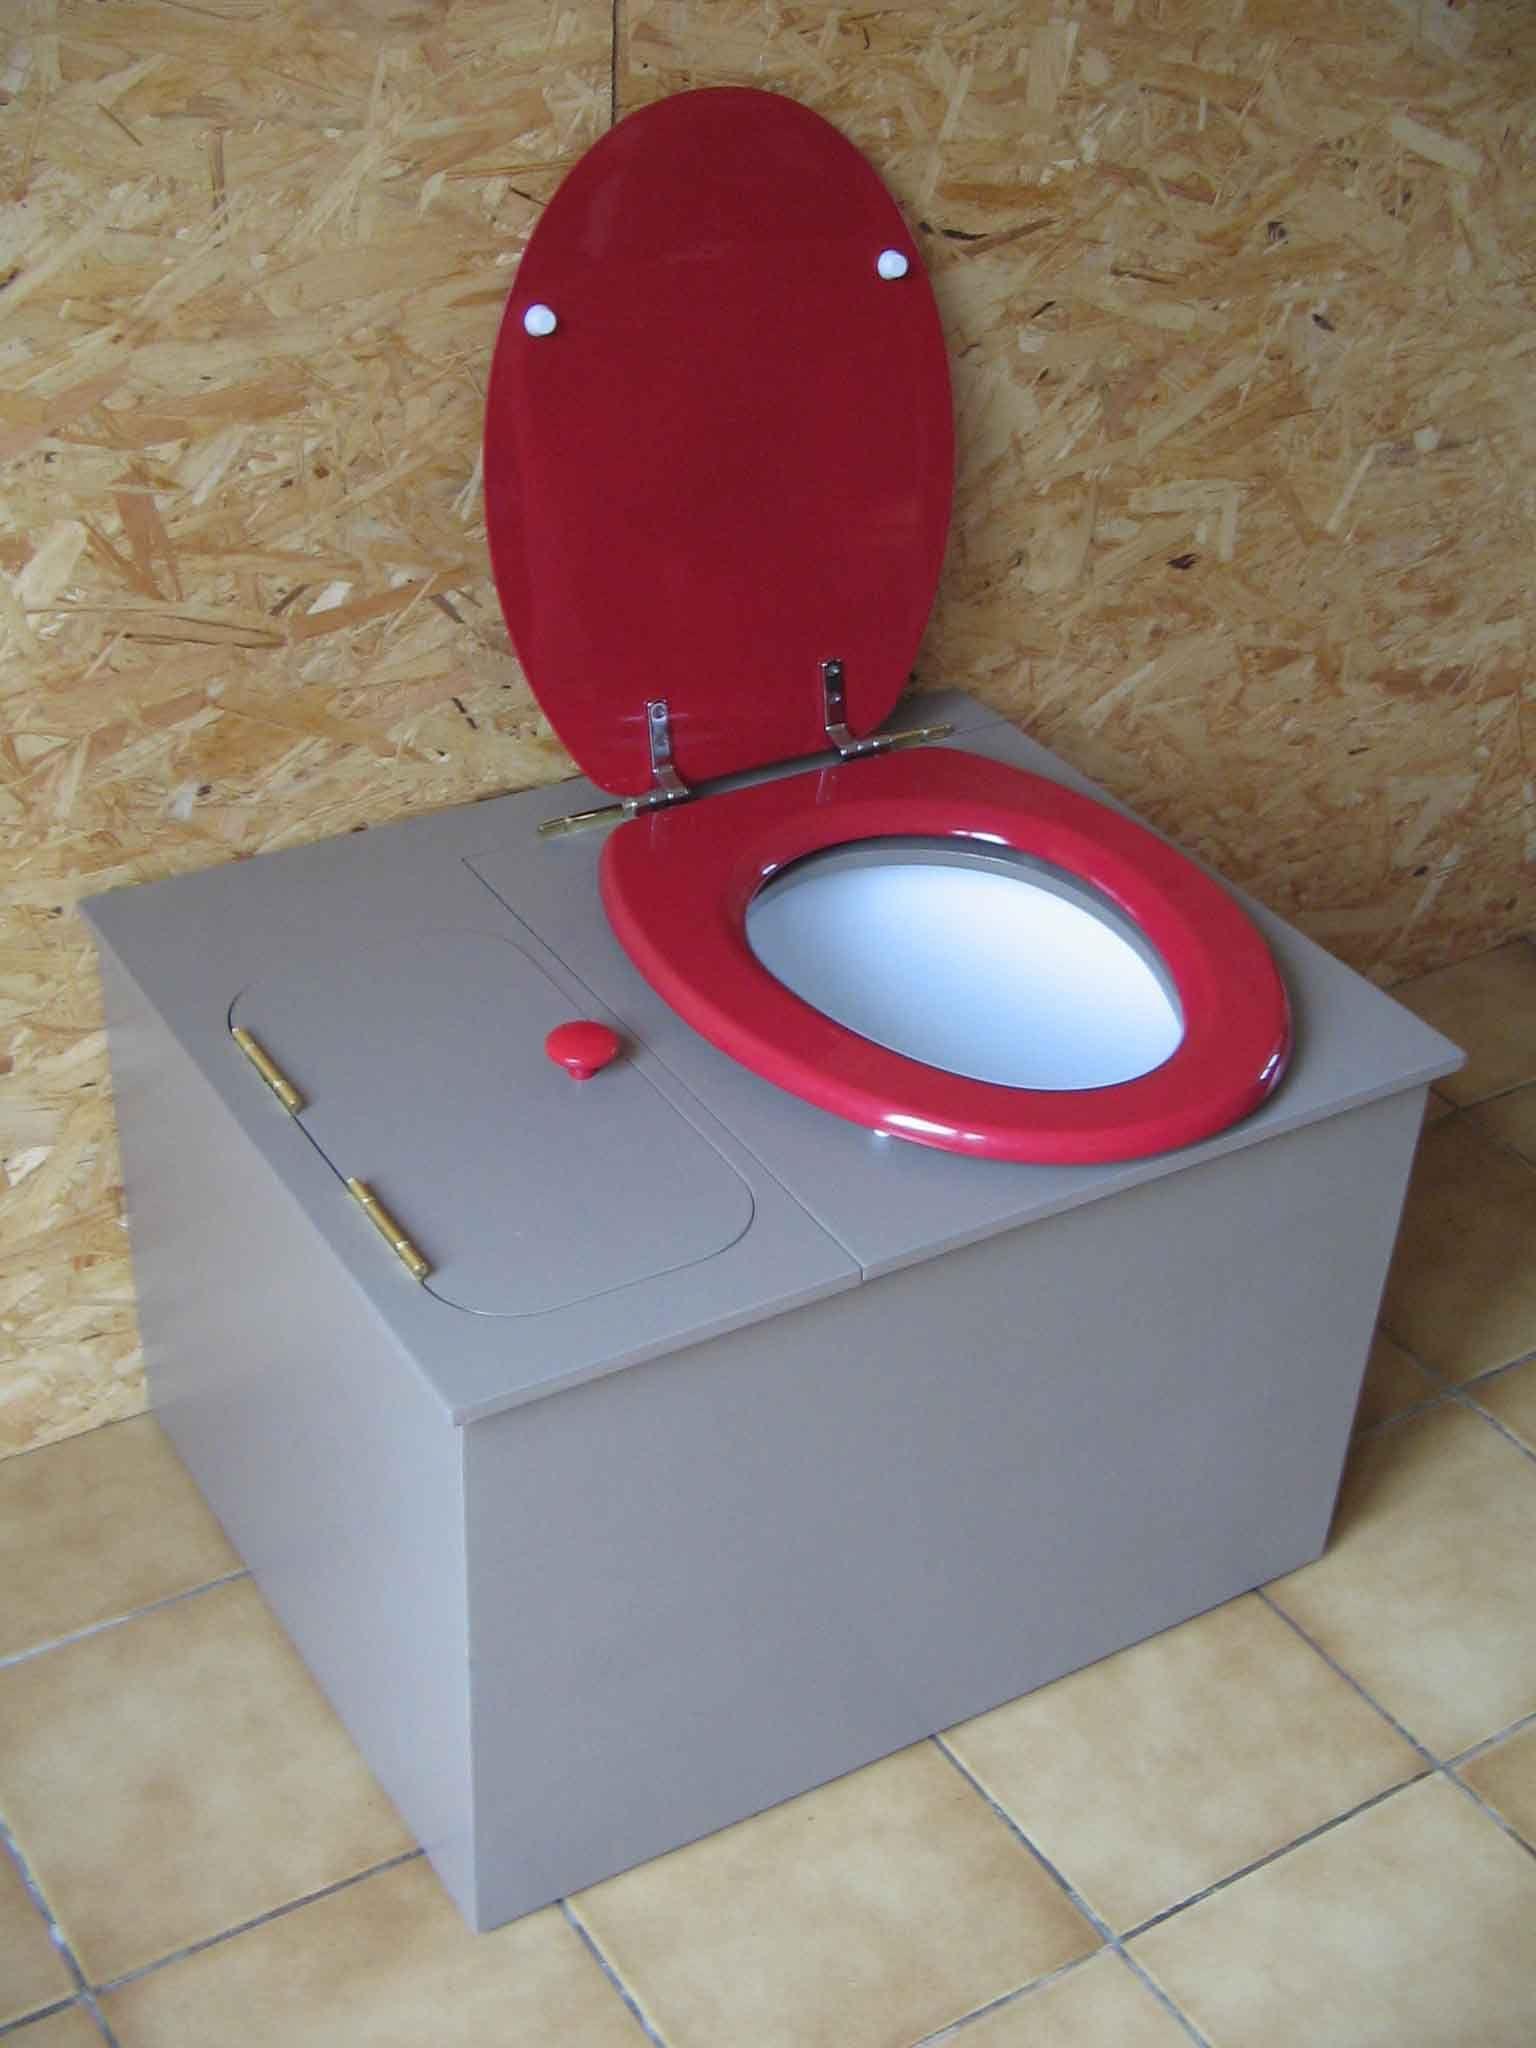 Vente De Toilette Écologique | Fabulous Toilettes tout Toilettes Seches Vente